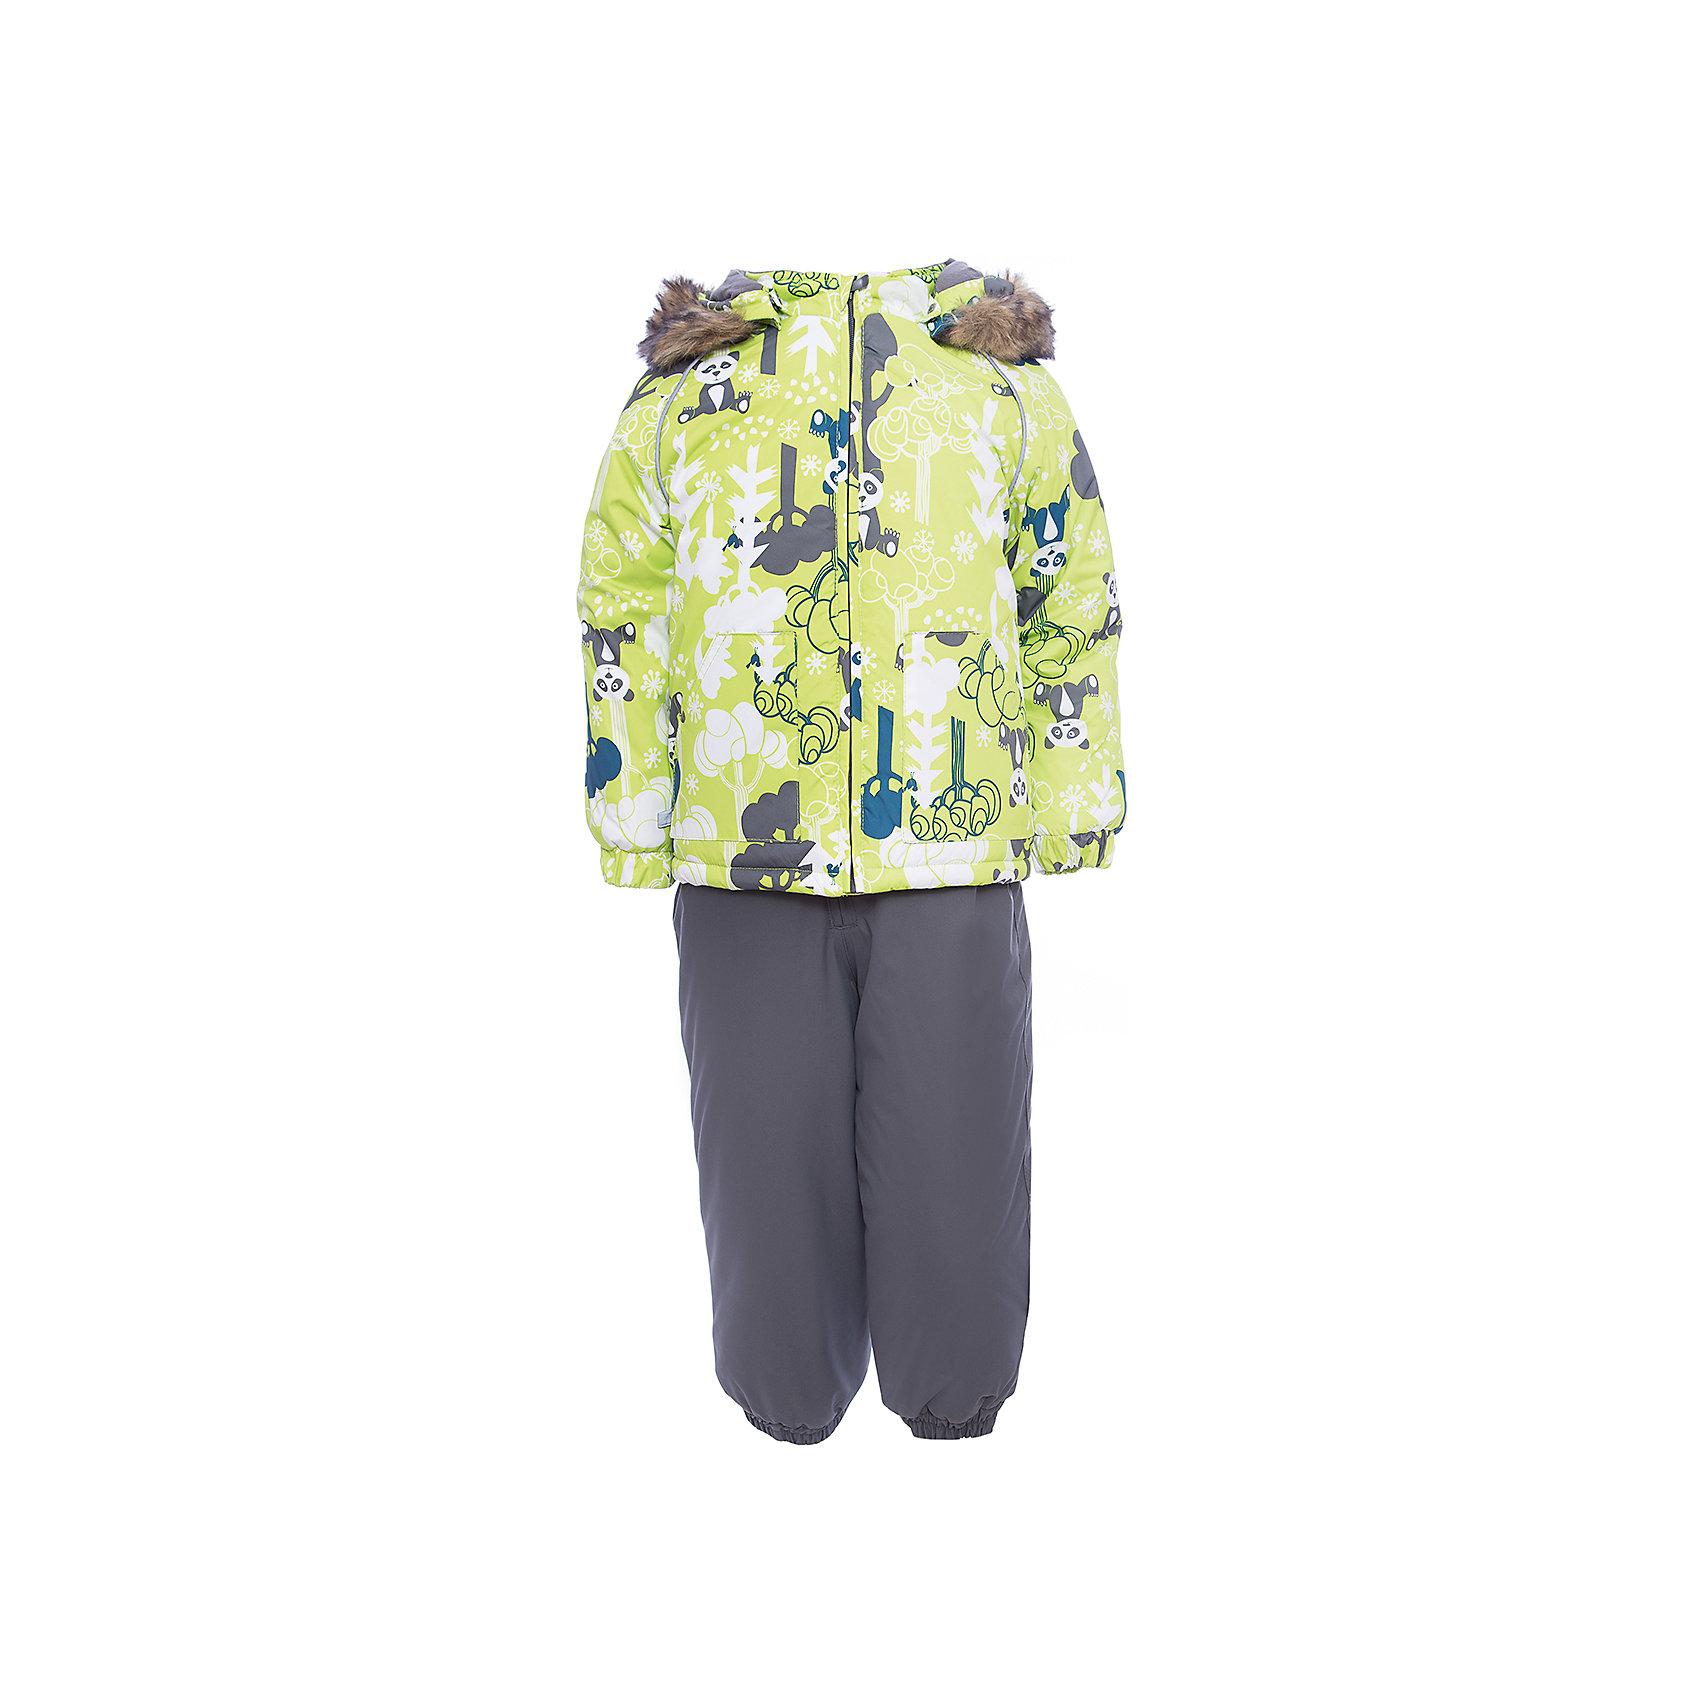 Комплект: куртка и брюки AVERY HuppaВерхняя одежда<br>Характеристика товара:<br><br>• цвет: серый с принтом<br>• температурный режим: от -0 до-30;<br>• утеплитель: куртка:300 грамм, брюки:160 грамм(100% полиэстер);<br>• подкладка: 100% хлопок;<br>• воздухопроницаемость: 5 000 мм куртка / 10 000 мм брюки;<br>• водонепроницаемость:  5 000 мм куртка / 10 000 мм брюки;<br>• застежка: молния;<br>• меховая опушка из искуственного меха;<br>• шаговый шов – проклеен;<br>• капюшон съемный;<br>• подтяжки на полукомбинезоне – резинки;<br>• светоотражающие детали;<br>• производитель: HUPPA (Эстония)<br><br>Красивый зимний комплект AVERY для детей младшего возраста. Легкая, но очень теплая куртка из мягкой мембранной ткани не содержит лишних деталей. В модели 300 грамм утеплителя, а значит, вы можете быть уверены, что ваш малыш не замерзнет на прогулке в морозную погоду, даже если будет двигаться не слишком активно. Комплект для малышей AVERY благодаря простым манжетам на резинке и удобной молнии легко надевать и застегивать. Капюшон с меховой опушкой сделан в форме забавного колпачка и при желании отстегивается. <br><br>Практичный однотонный полукомбинезон темного цвета выполнен из более прочной мембраны и скроен без внутренних швов, для лучшей защиты от истирания и попадания влаги. Задний шов проклеен, также для дополнительной защиты от влаги. Манжеты по низу брюк и тканевые штрипки на ботинки надежно фиксируют брюки и защищают от попадания снега. На костюмах AVERY светоотражающие элементы делают вашего ребенка более заметным на улице, даже в условиях плохой видимости и в темное время суток.<br><br>Комплект для малышей AVERY можно купить в нашем интернет-магазине.<br><br>Ширина мм: 356<br>Глубина мм: 10<br>Высота мм: 245<br>Вес г: 519<br>Цвет: зеленый<br>Возраст от месяцев: 36<br>Возраст до месяцев: 48<br>Пол: Унисекс<br>Возраст: Детский<br>Размер: 104,80,86,92,98<br>SKU: 7027024